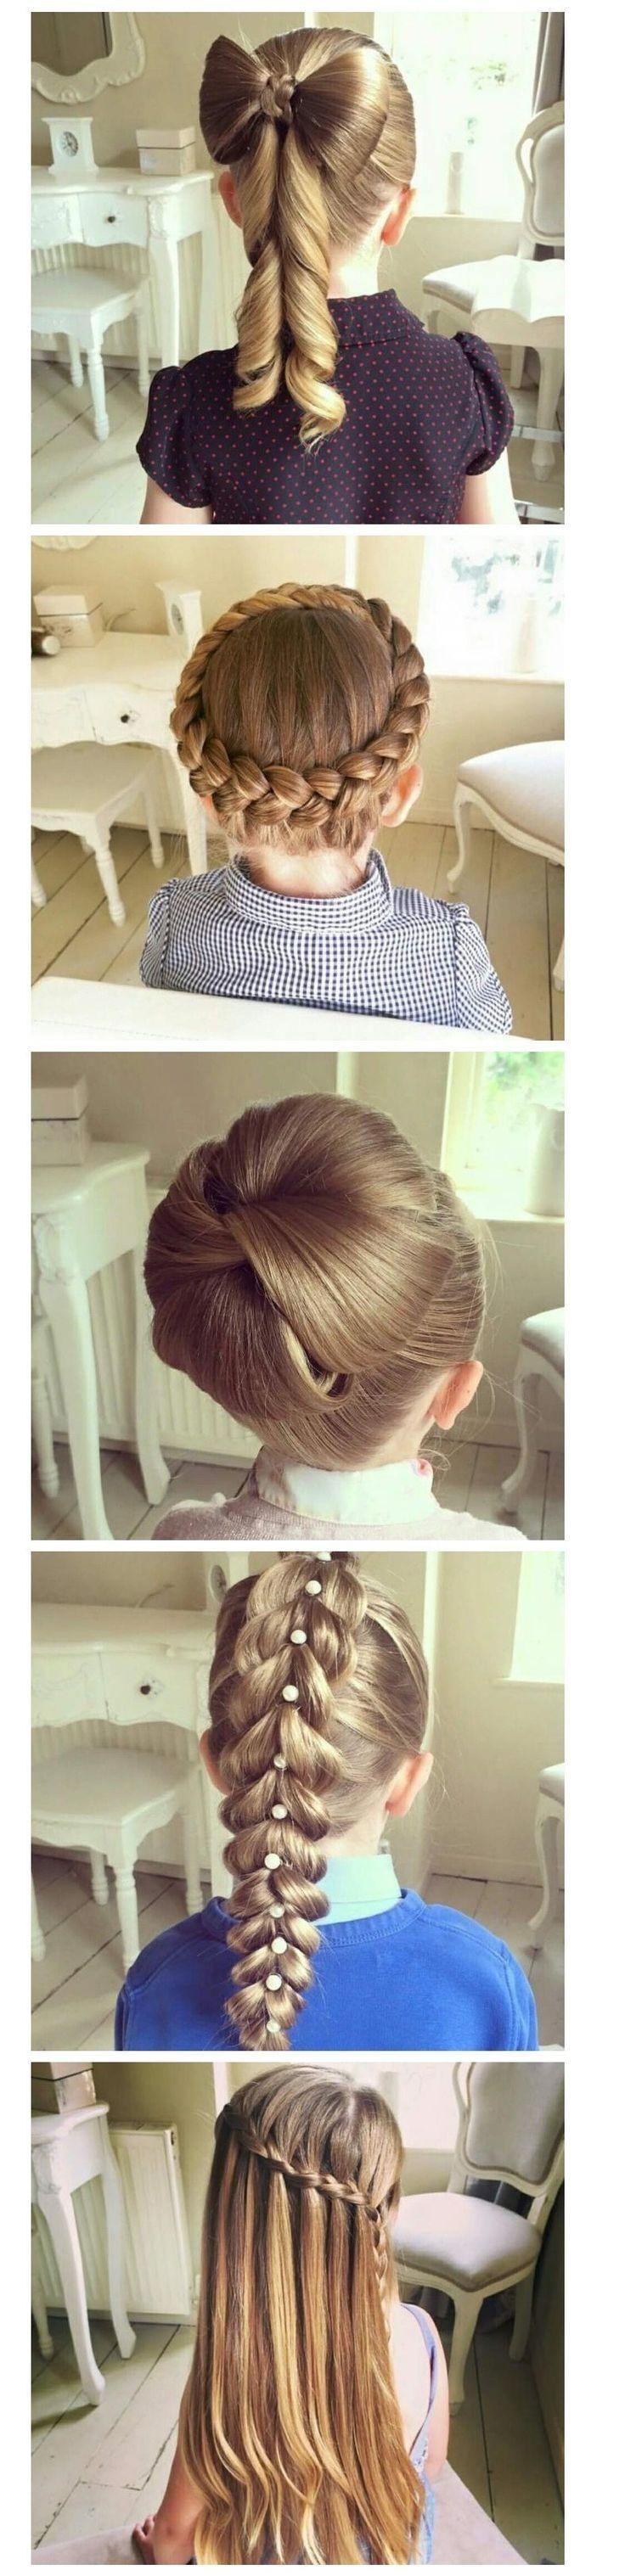 여자들 머리 땋은 모습 | Daum 루리웹